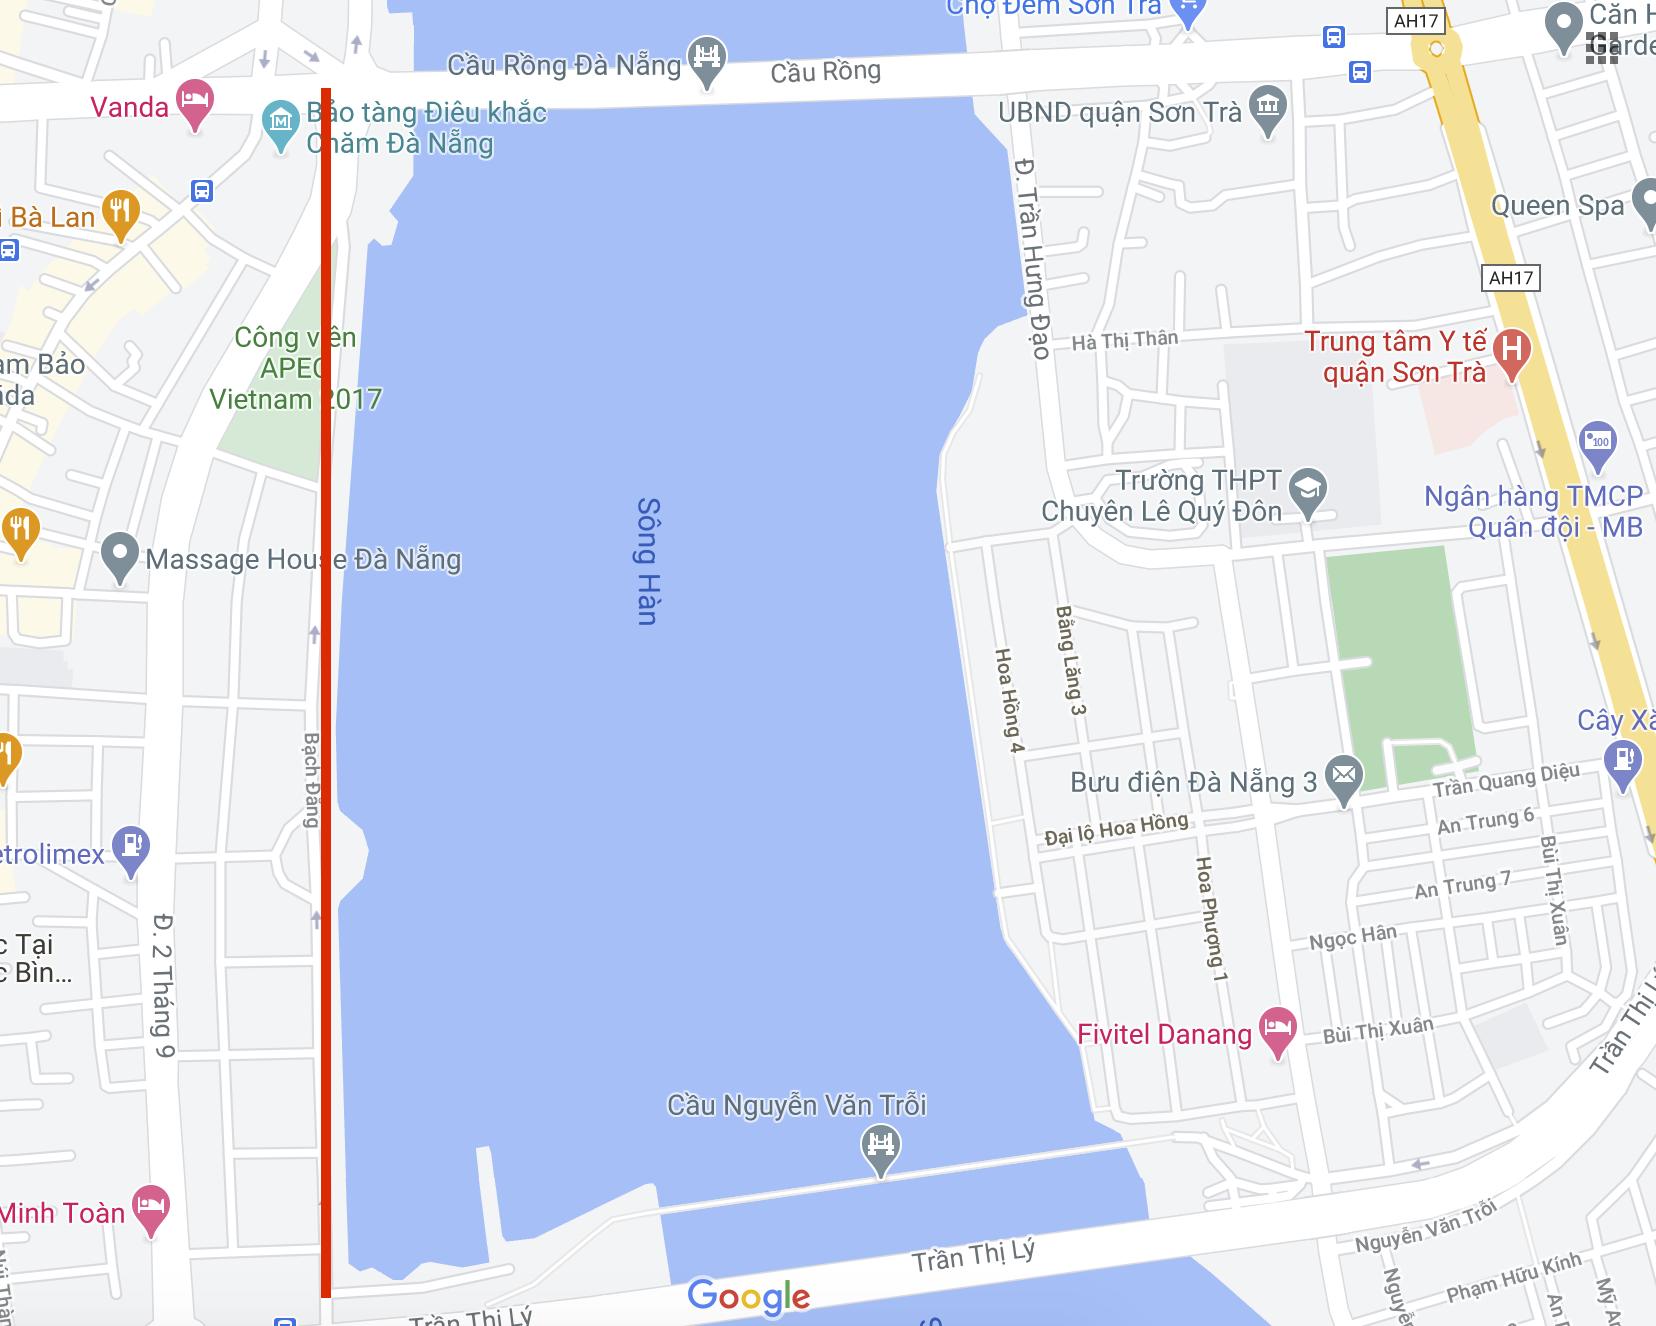 (Ảnh chụp màn hình: Google Map).